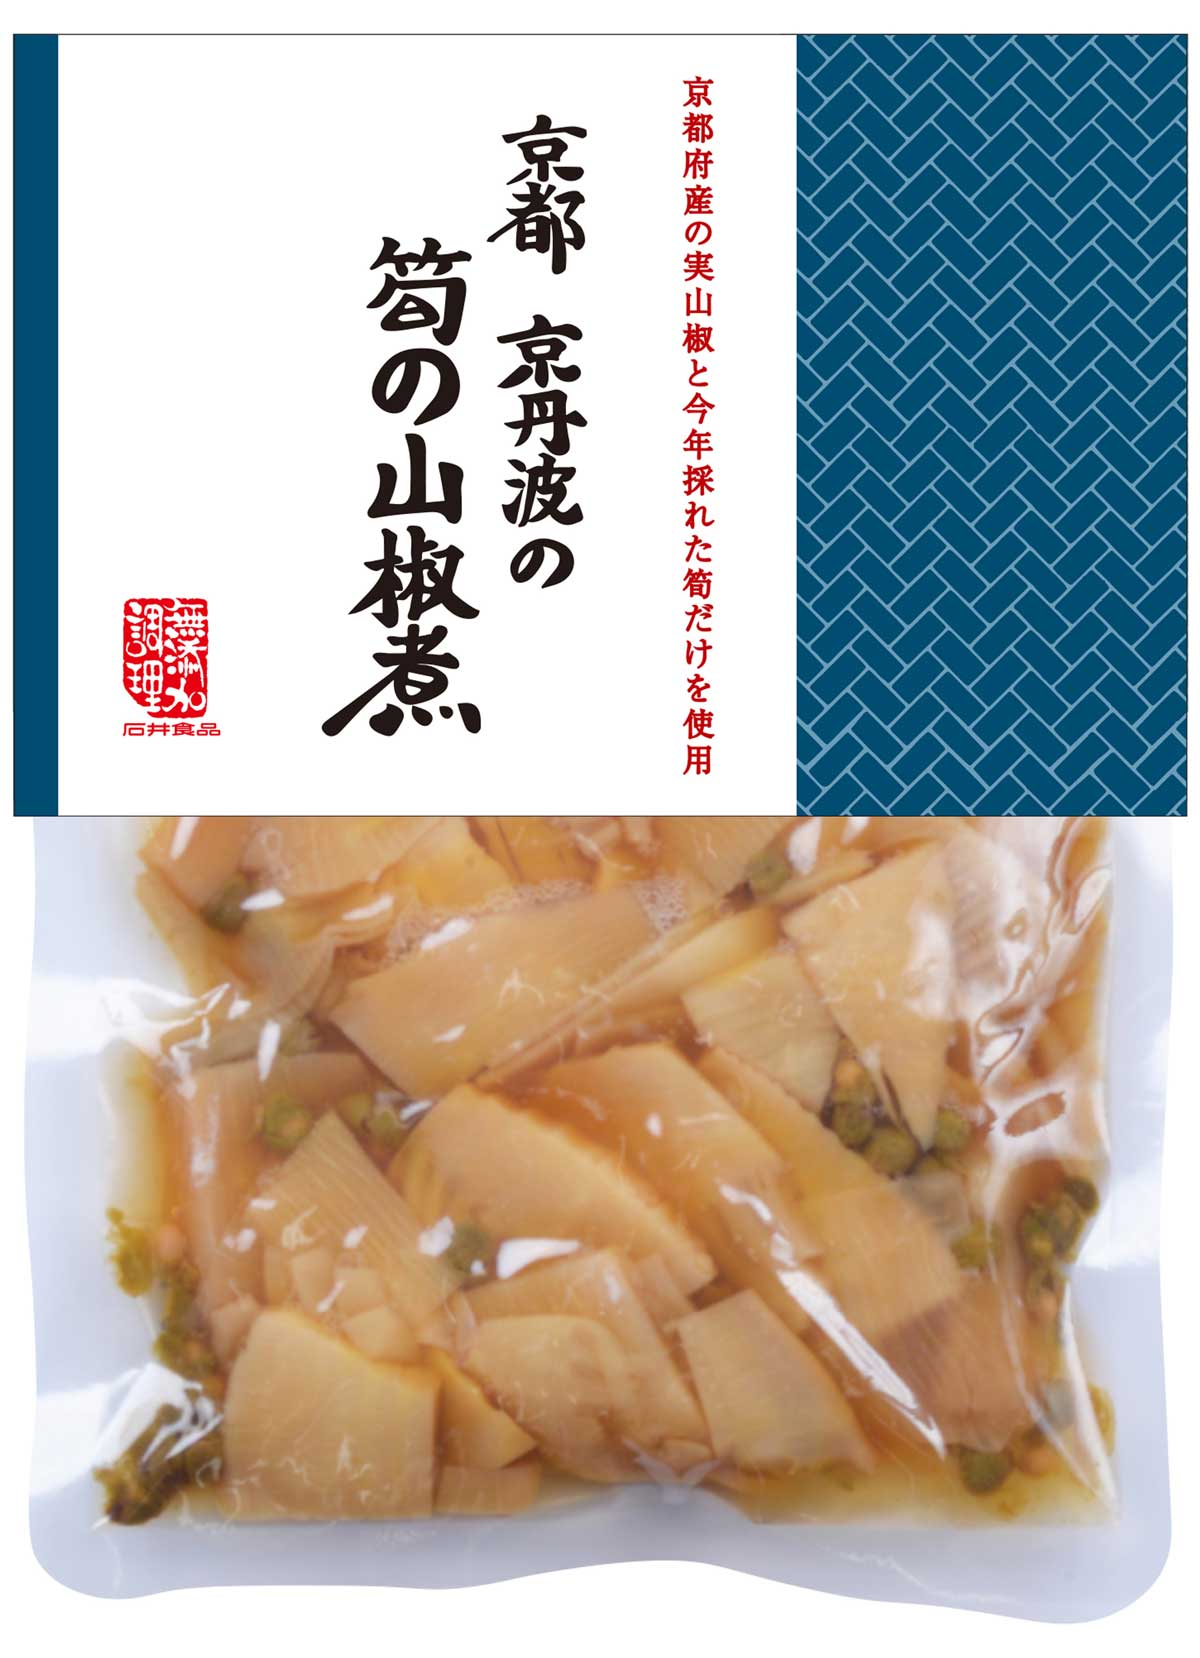 今年採れた京都京丹波町産の筍使用 筍の山椒煮